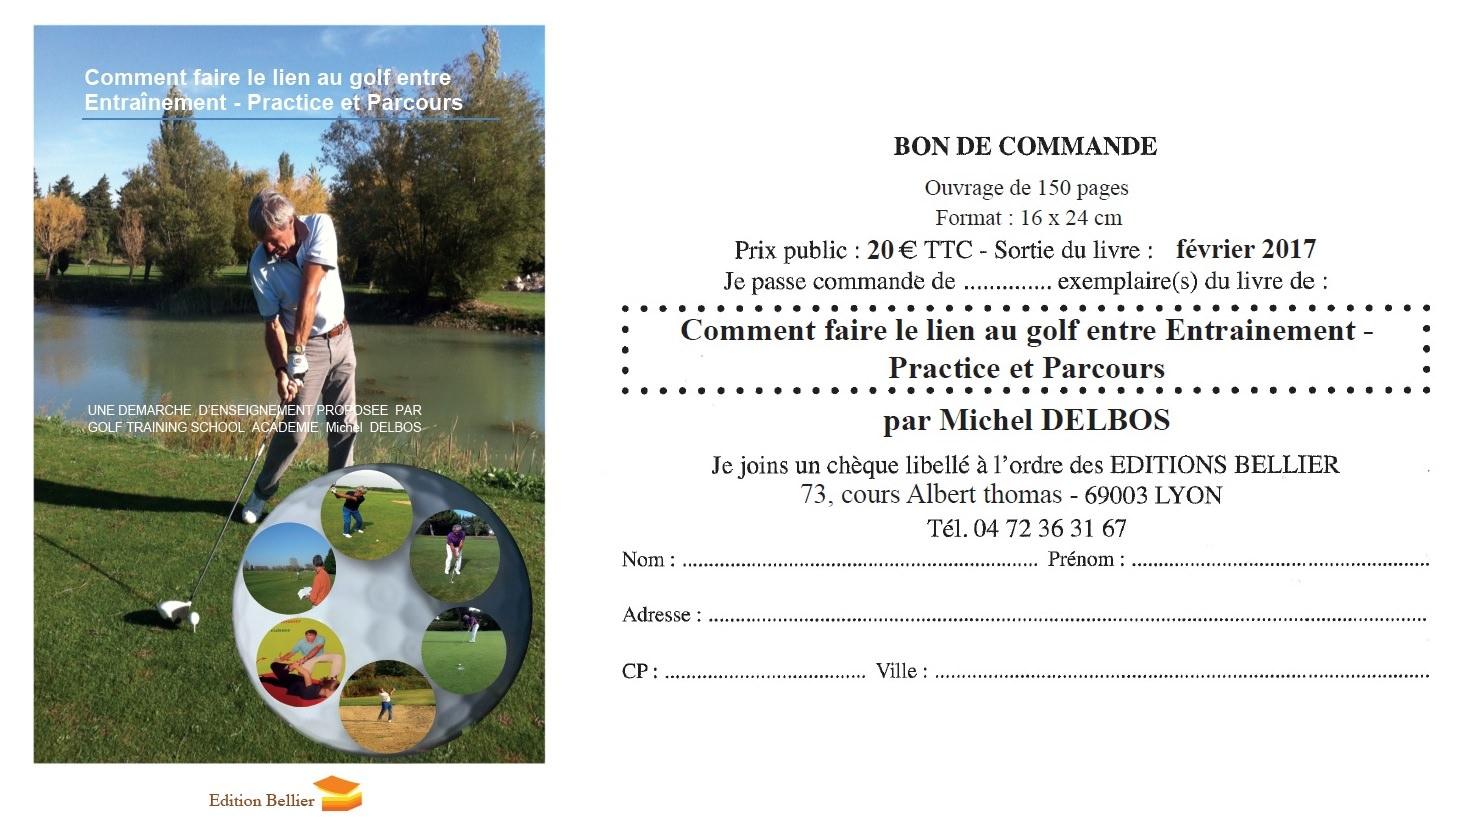 Pour commander le livre Comment faire le lien au golf entre practice et parcours